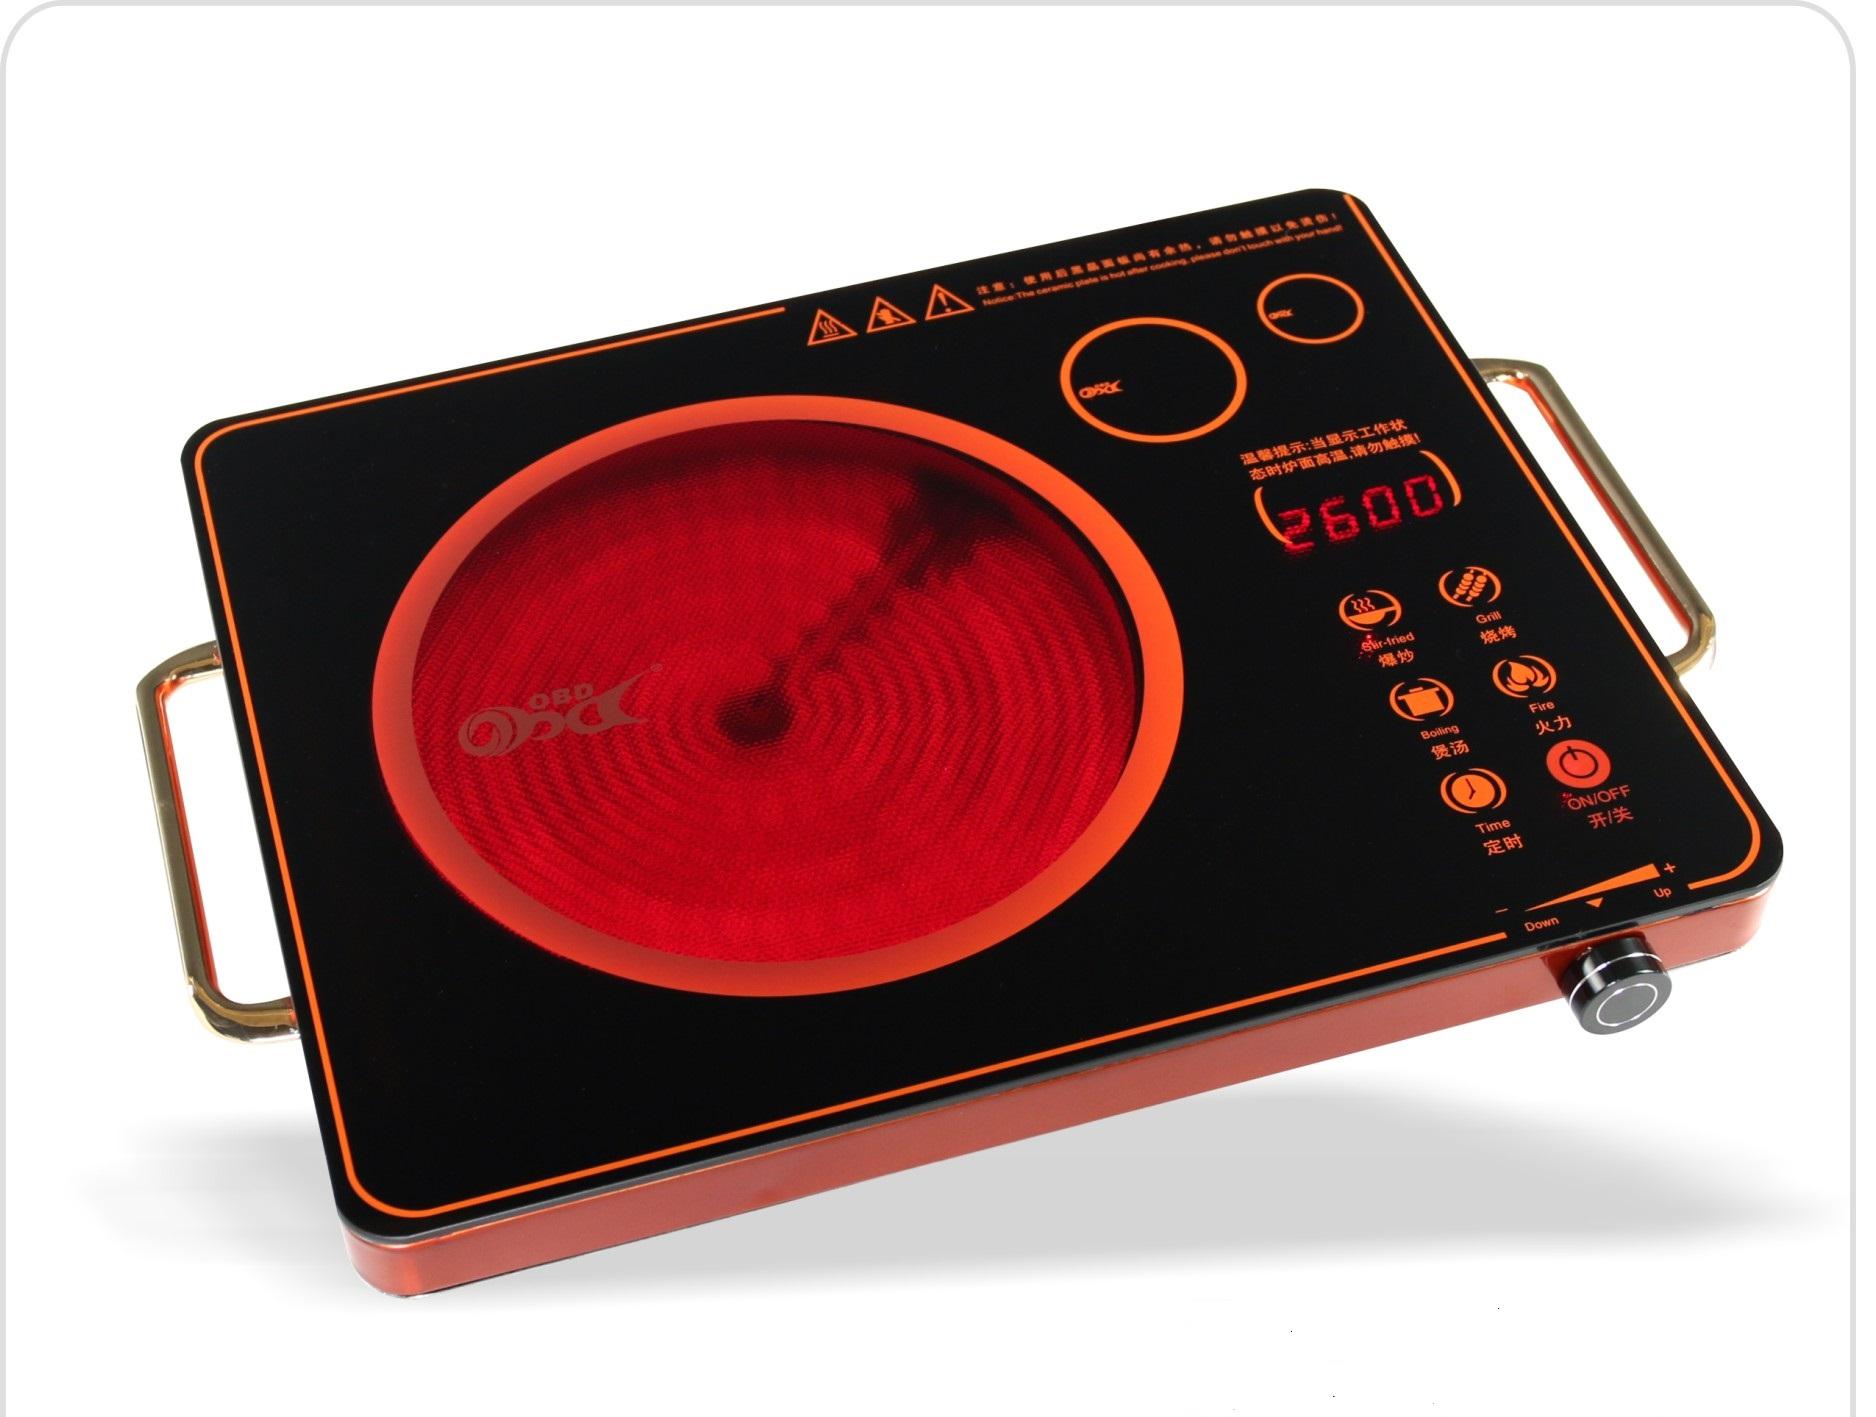 OBD Small Infrared Ceramic Cooker 2600W